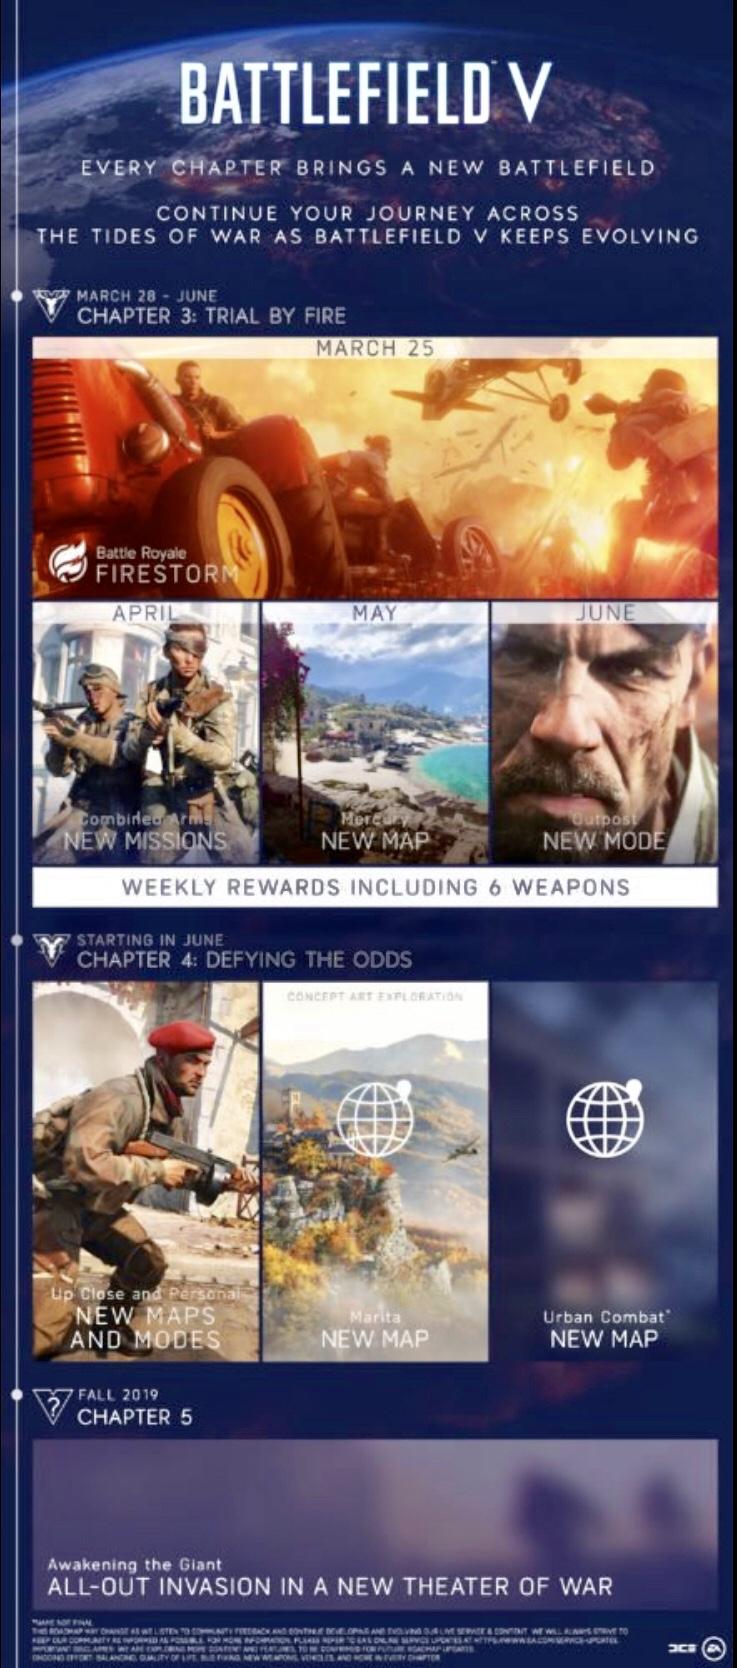 Battlefield 5 roadmap